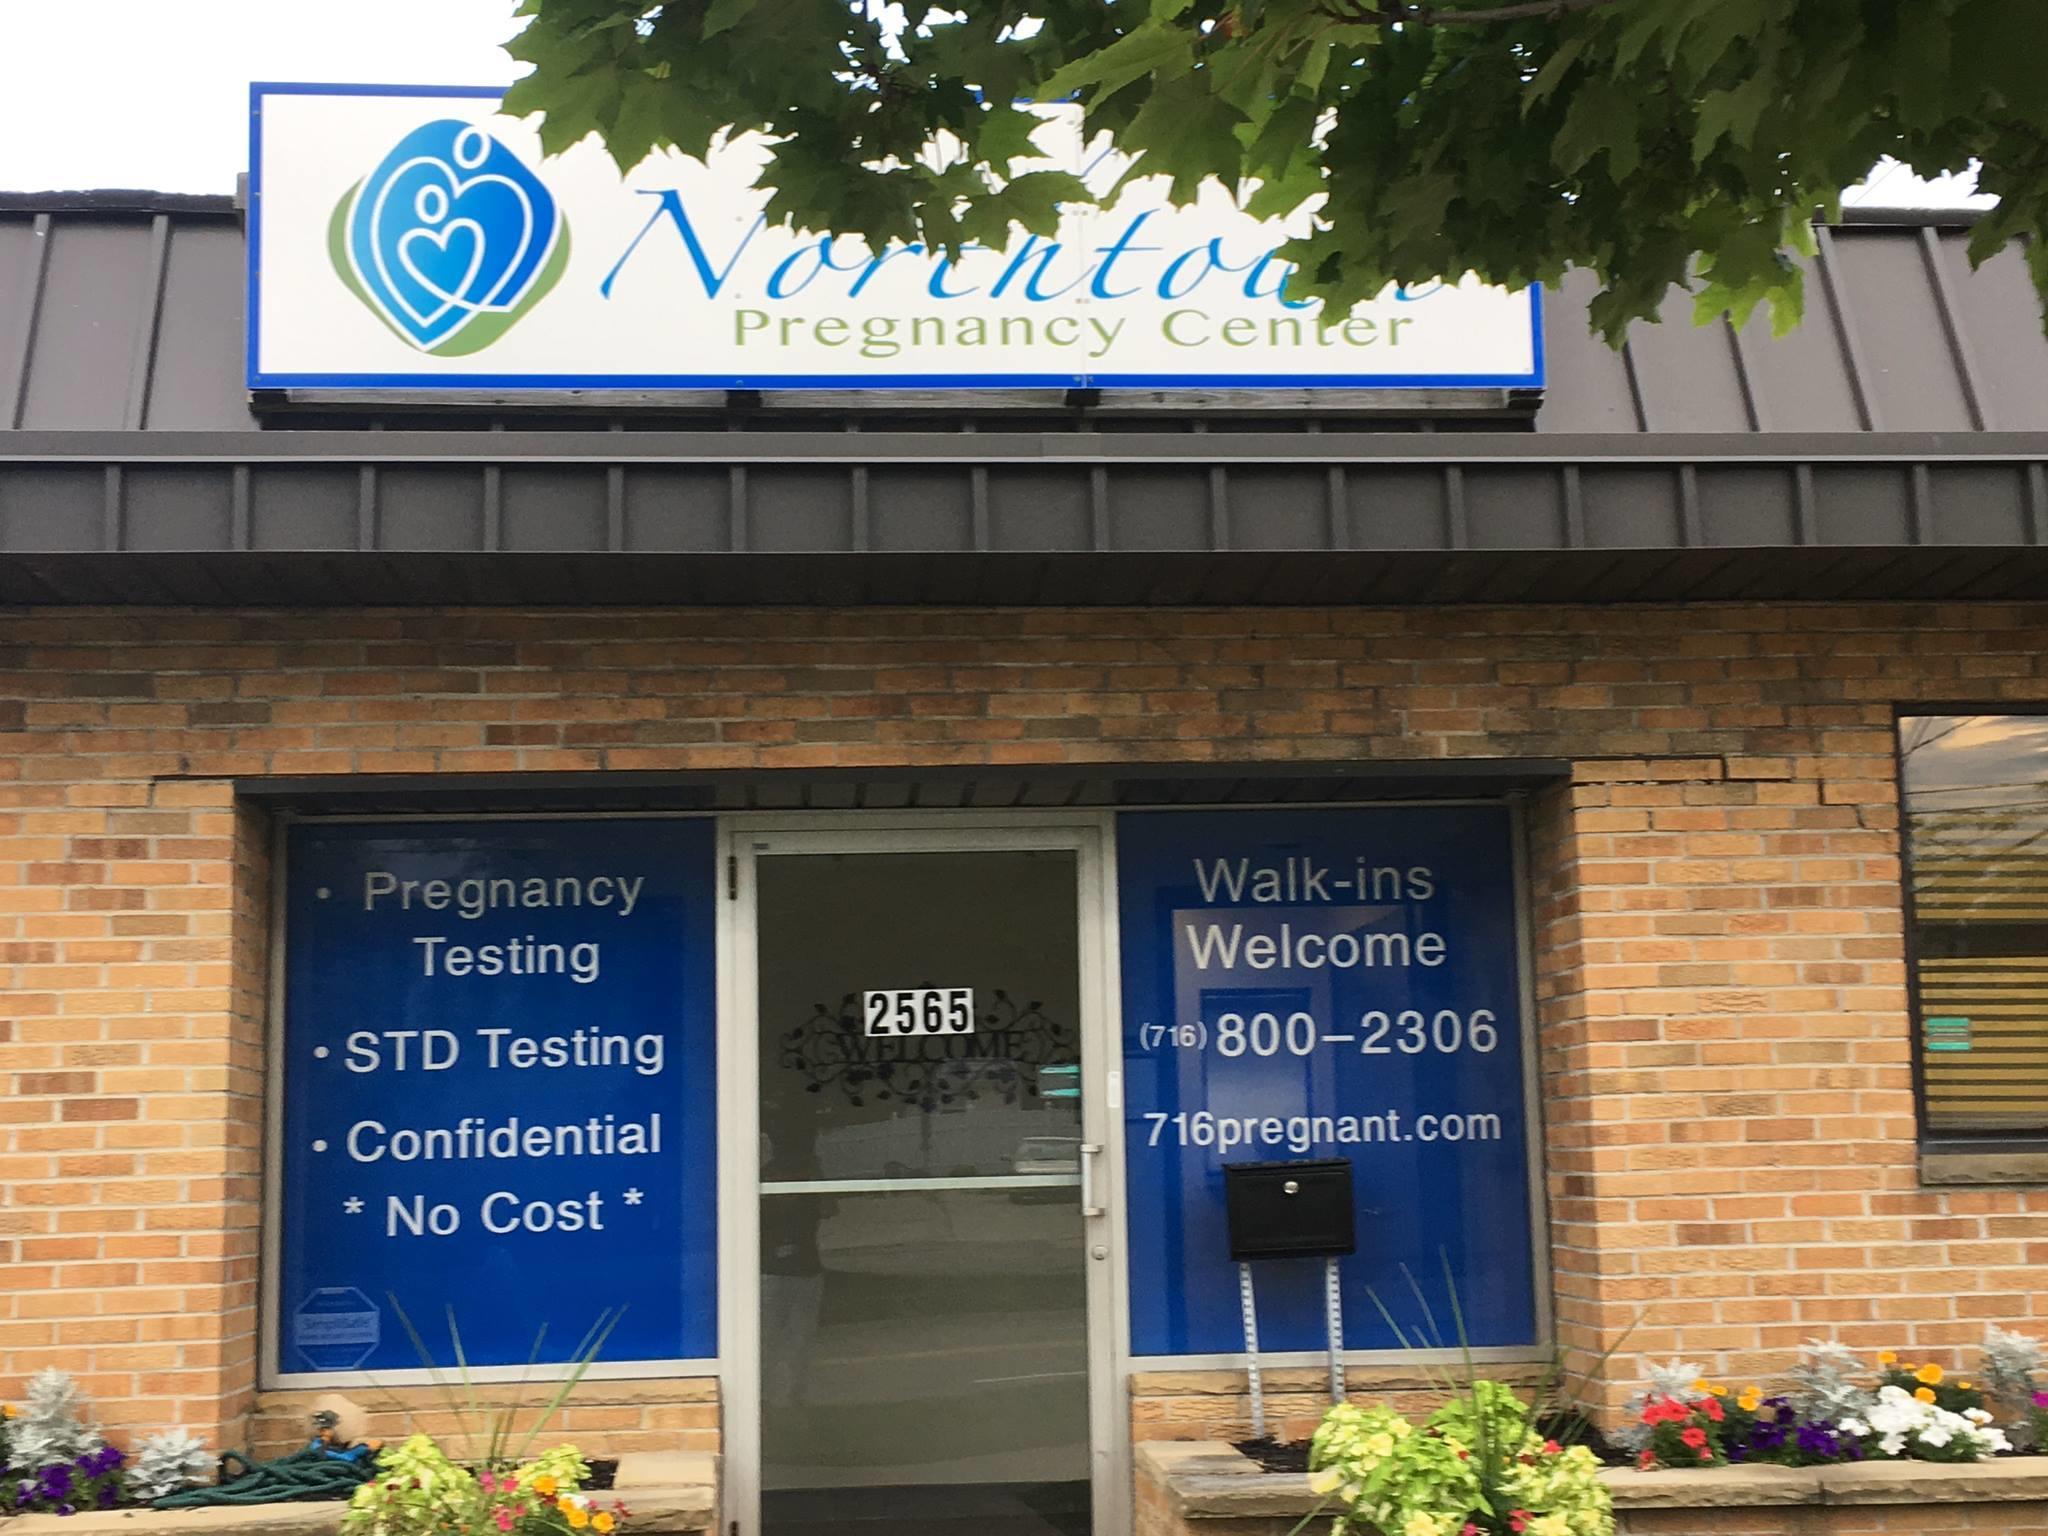 Northtown Pregnancy Center 2565 Elmwood Ave Buffalo, NY